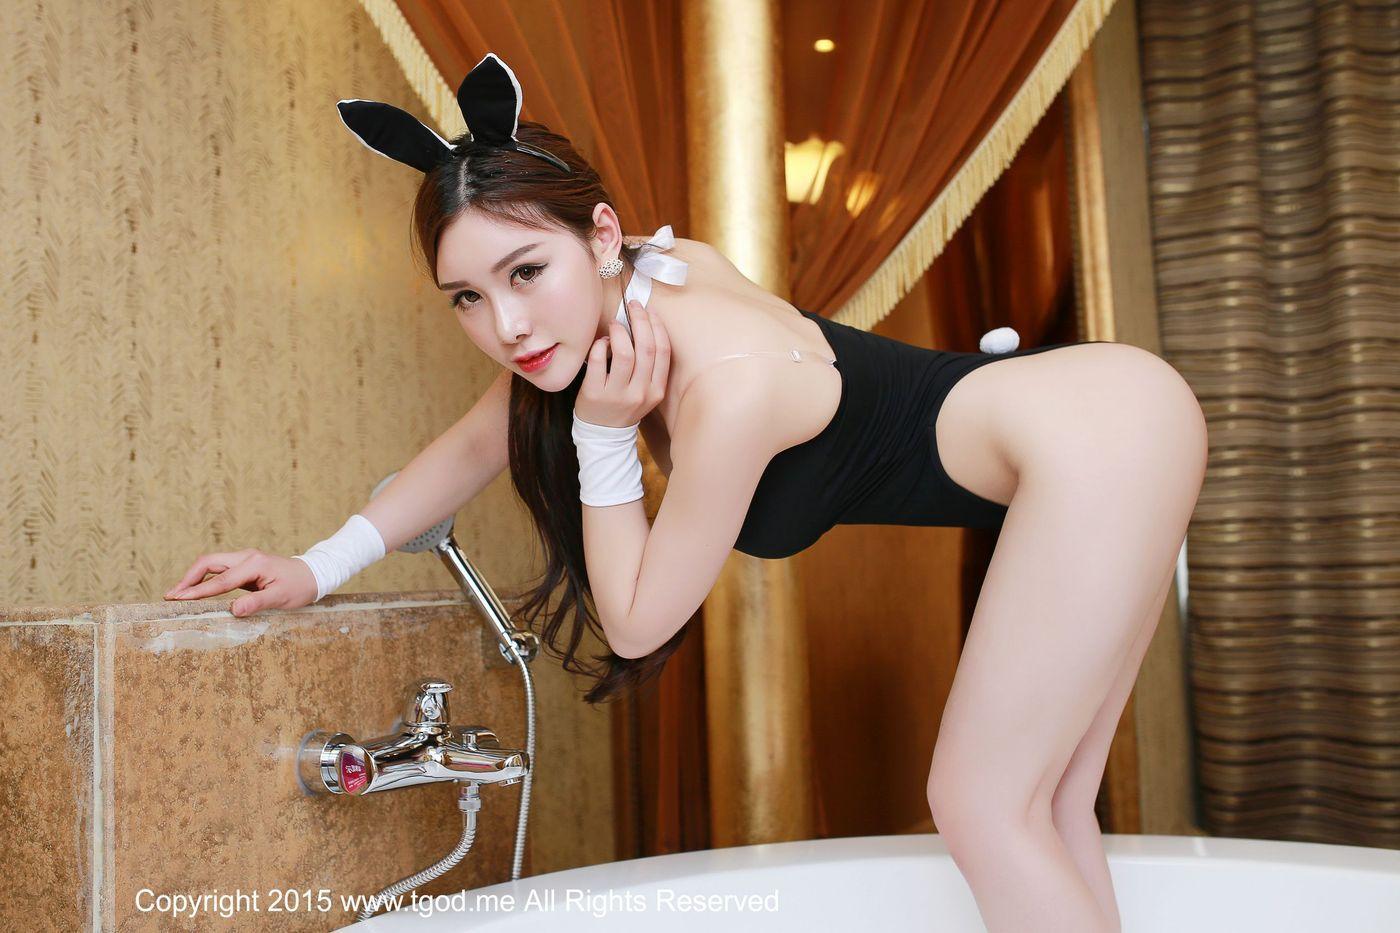 兔女郎翘臀爆乳浴室美女嫩模性感女神推女神-[于姬]超高清写真图片|1620154024更新